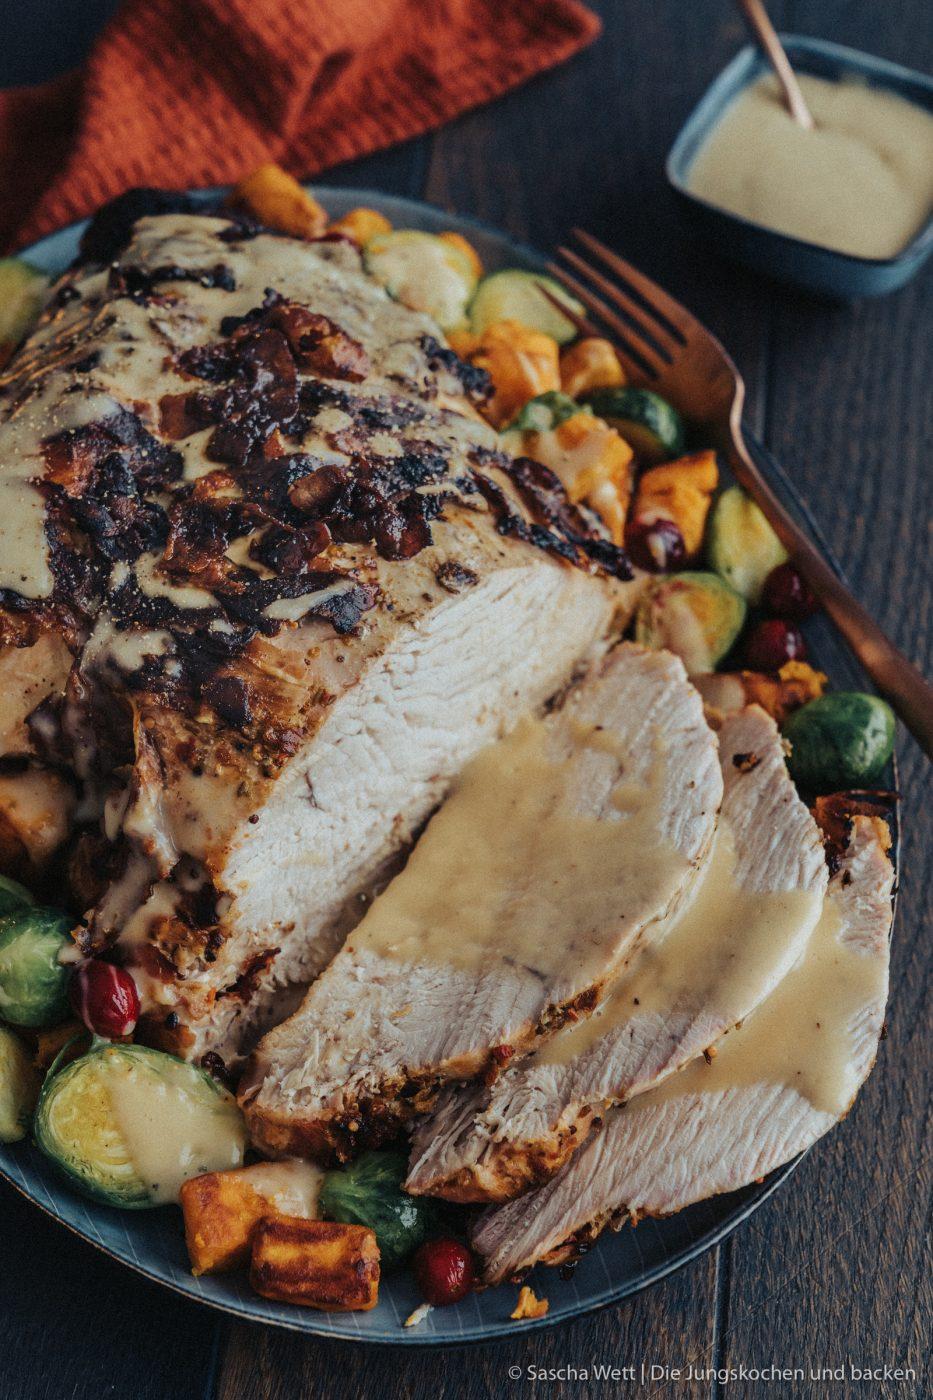 Magic Dust Turkey WeLoveGefl%C3%BCgel 3 | Heute steht unser Rezept ganz im Zeichen des Truthahns, denn wir beenden heute eine ganz fantastische Blog-Parade! Gemeinsam mit We Love Geflügel haben wir liebe Bloggerfreunde nach ihren liebsten Thanksgiving-Rezepten mit Truthahn gefragt. Dabei sind eine Menge genialer Gerichte entstanden, aber dazu später mehr. Heute ist es dann soweit und pünktlich zu Thanksgiving haben wir hier das Rezept für einen Magic Dust Turkey im Speckmantel für euch.